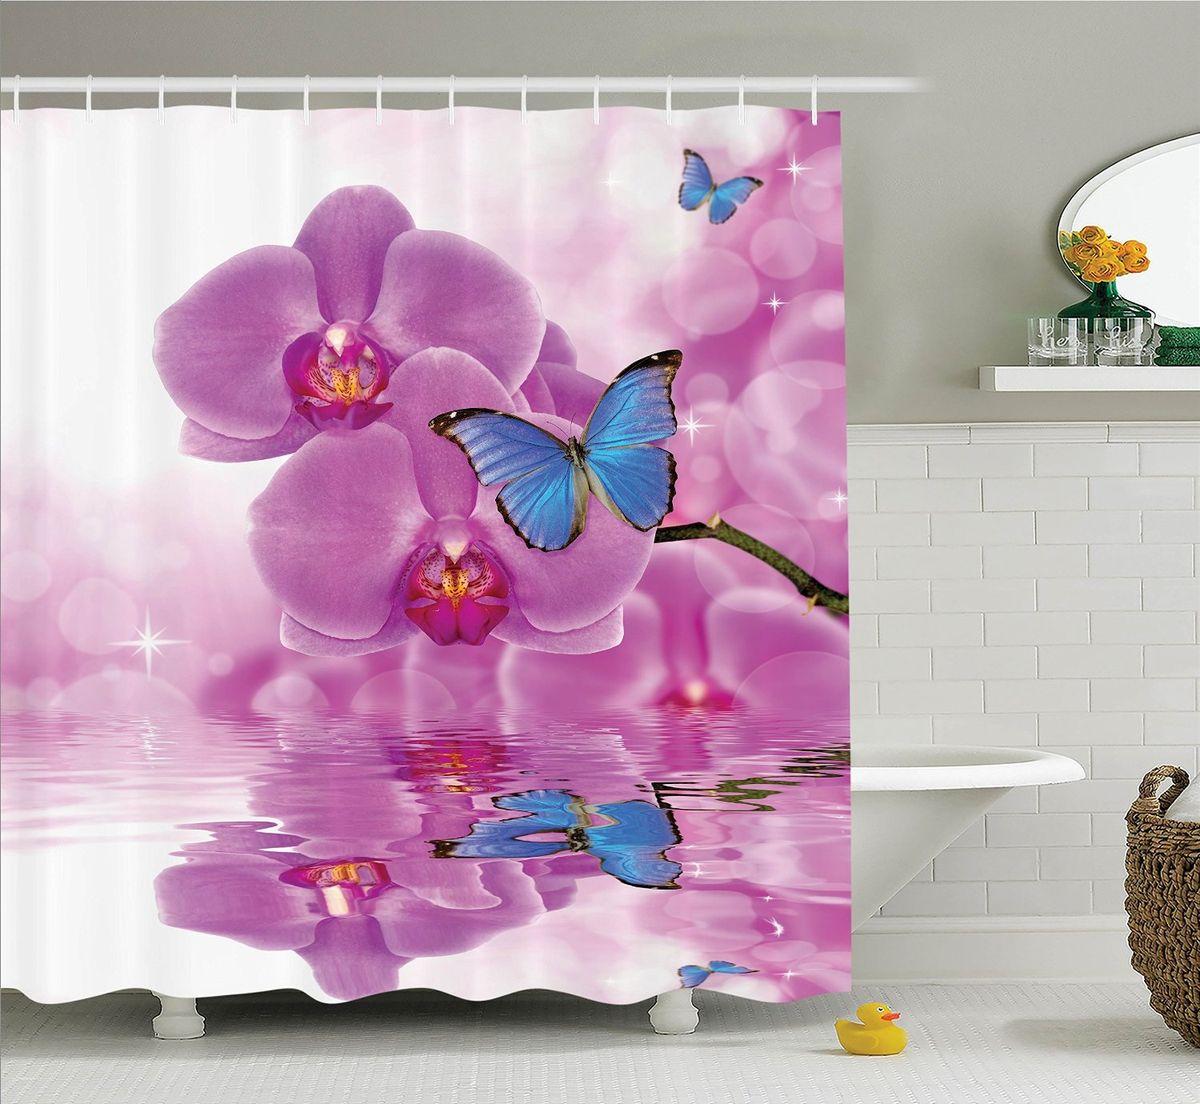 Штора для ванной комнаты Magic Lady Бабочки на цветах орхидеи, 180 х 200 смшв_11023Штора для ванной комнаты Magic Lady выполнена из высококачественного сатена (полиэстер 100%). При изготовлении используются специальные гипоаллергенные чернила для прямой печати по ткани, безопасные для человека и животных. Экологичность продукции и безопасность для окружающей среды подтверждены сертификатом Oeko-Tex Standard 100. Крепление: крючки (12 шт). Внимание! При нанесении сублимационной печати на ткань технологическим методом при температуре 240 С, возможно отклонение полученных размеров, указанных на этикетке и сайте, от стандартных на + - 3-5 см). Размер шторы: 180 х 200 см. В комплекте 1 штора и 12 крючков.